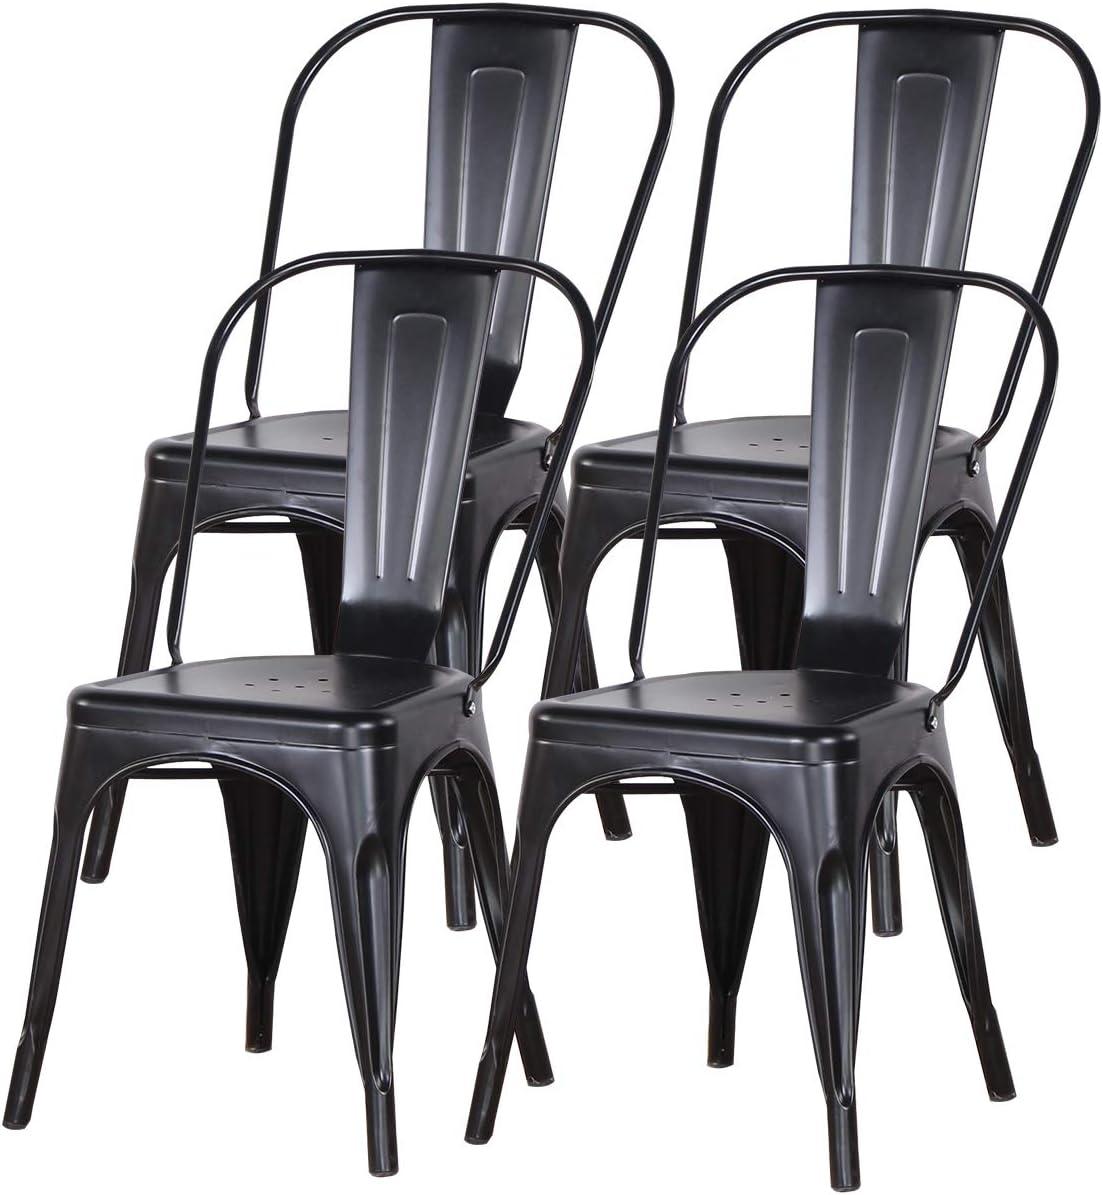 Blanc 03 Plateau en MDF et des chaises de Style Nordique Uderkiny Ensembles pour Salle /à Manger-A Table /à Manger Ronde et 4 chaises Adapt/ées aux Restaurants Cuisines balcons Bureaux etc